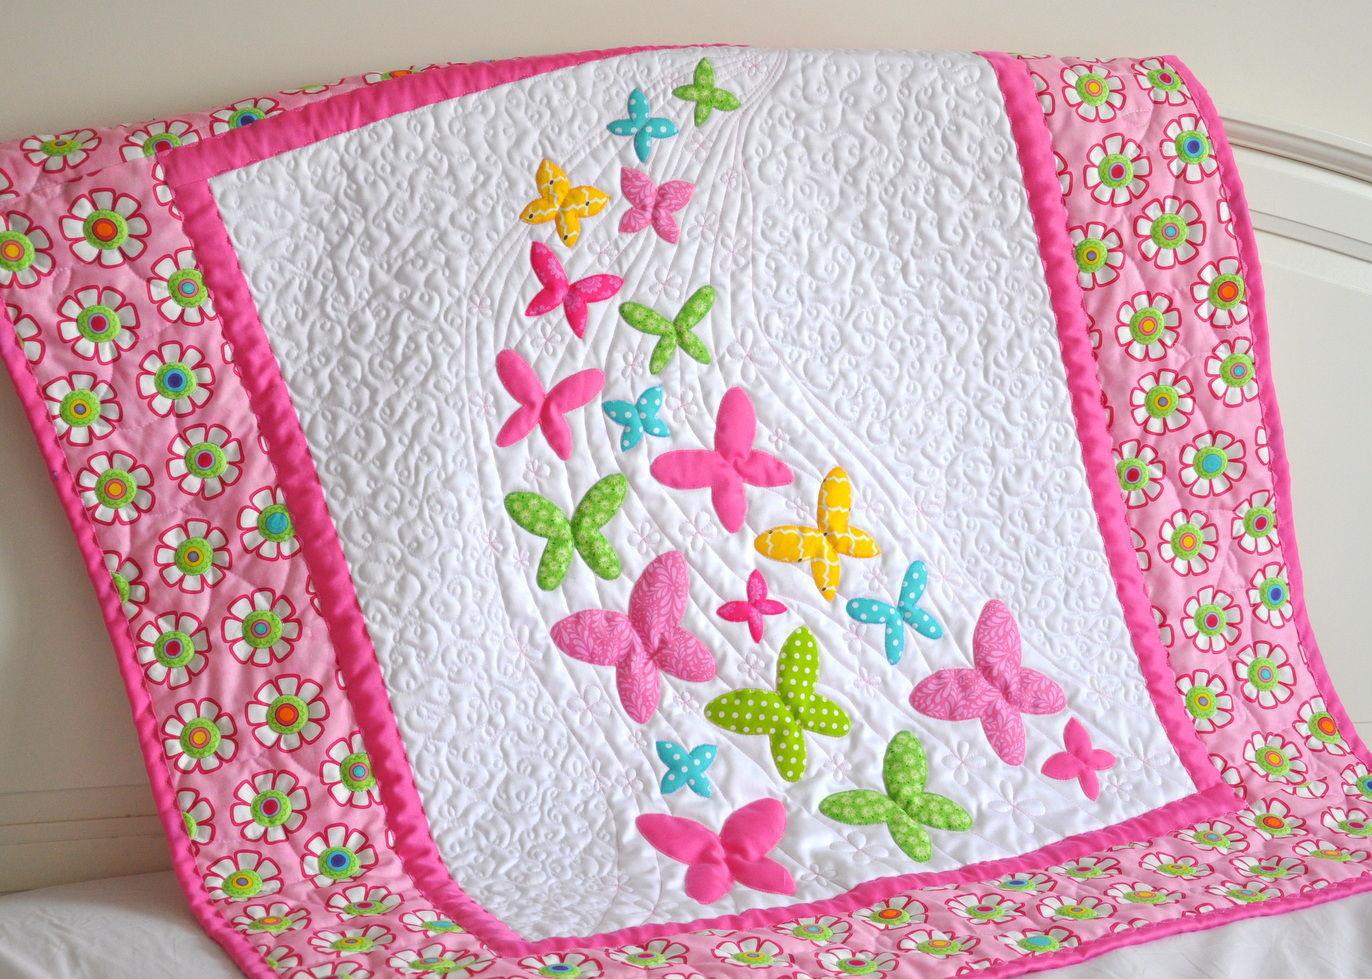 Сшить детское одеяло из синтепона своими руками фото 690